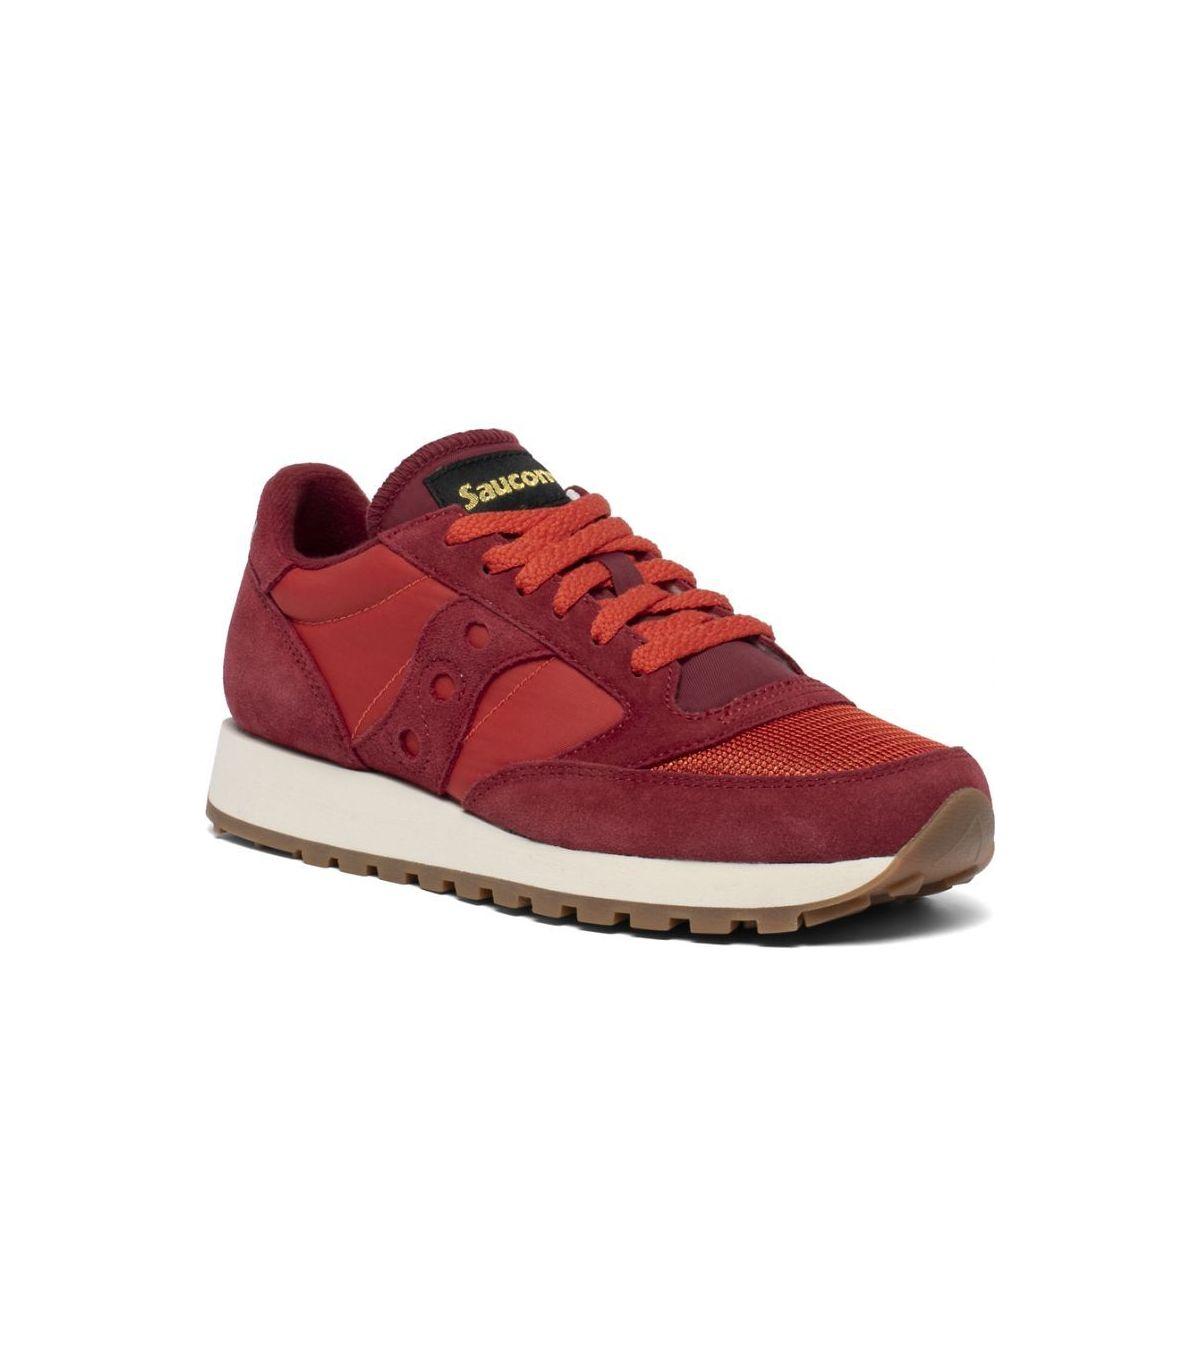 Saucony Jazz Original Vintage Red//Blue Zapatillas de Atletismo para Hombre